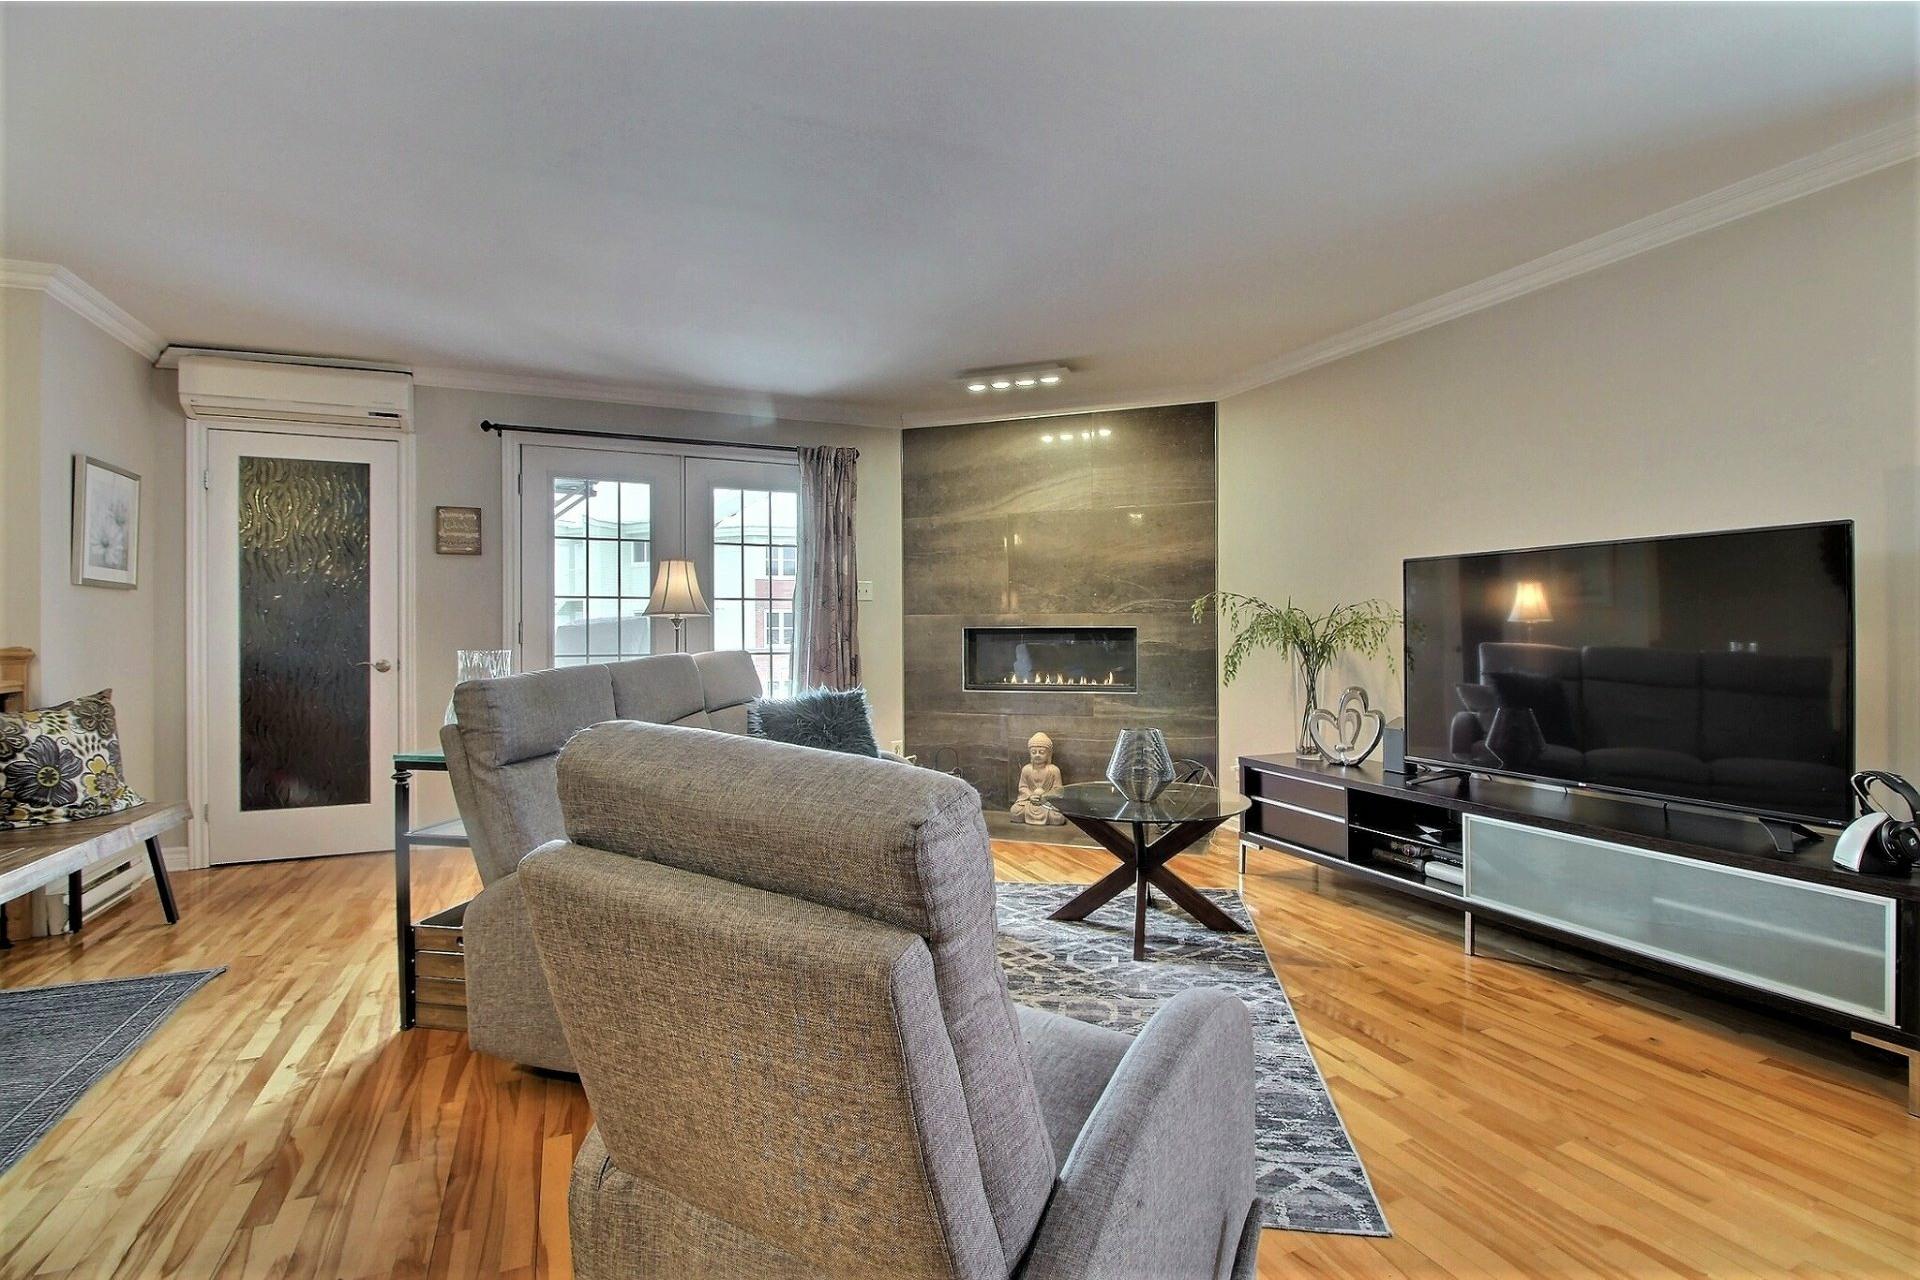 image 0 - Appartement À vendre Rivière-des-Prairies/Pointe-aux-Trembles Montréal  - 7 pièces